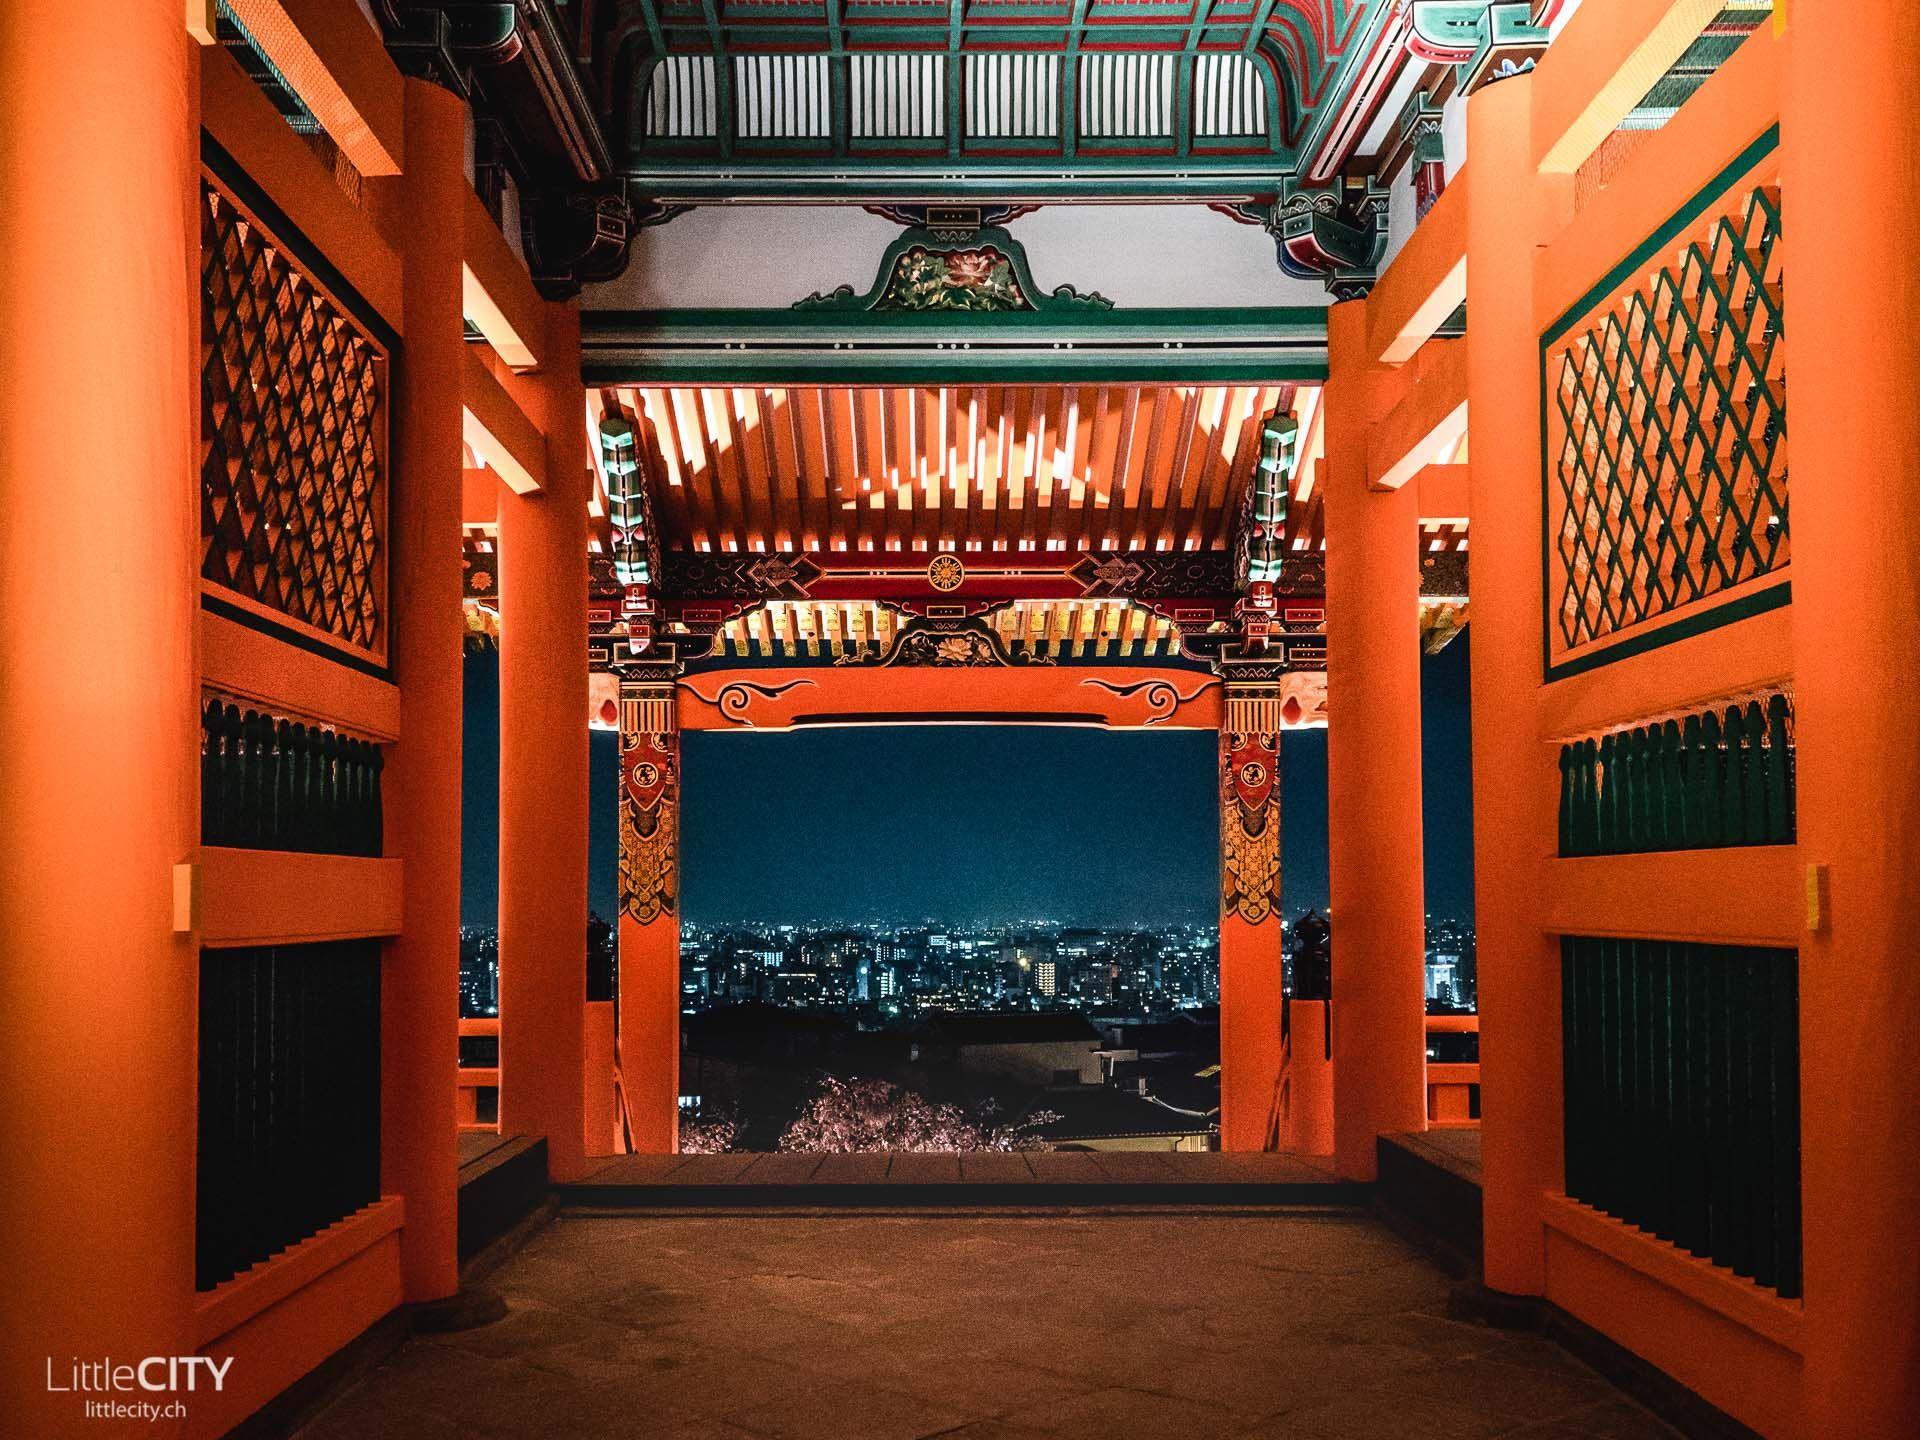 Kyoto Reisetipps Die 7 Schonsten Sehenswurdigkeiten In Der Japanischen Kaiserstadt Mit Bildern Kyoto Reisen Japan Reisen